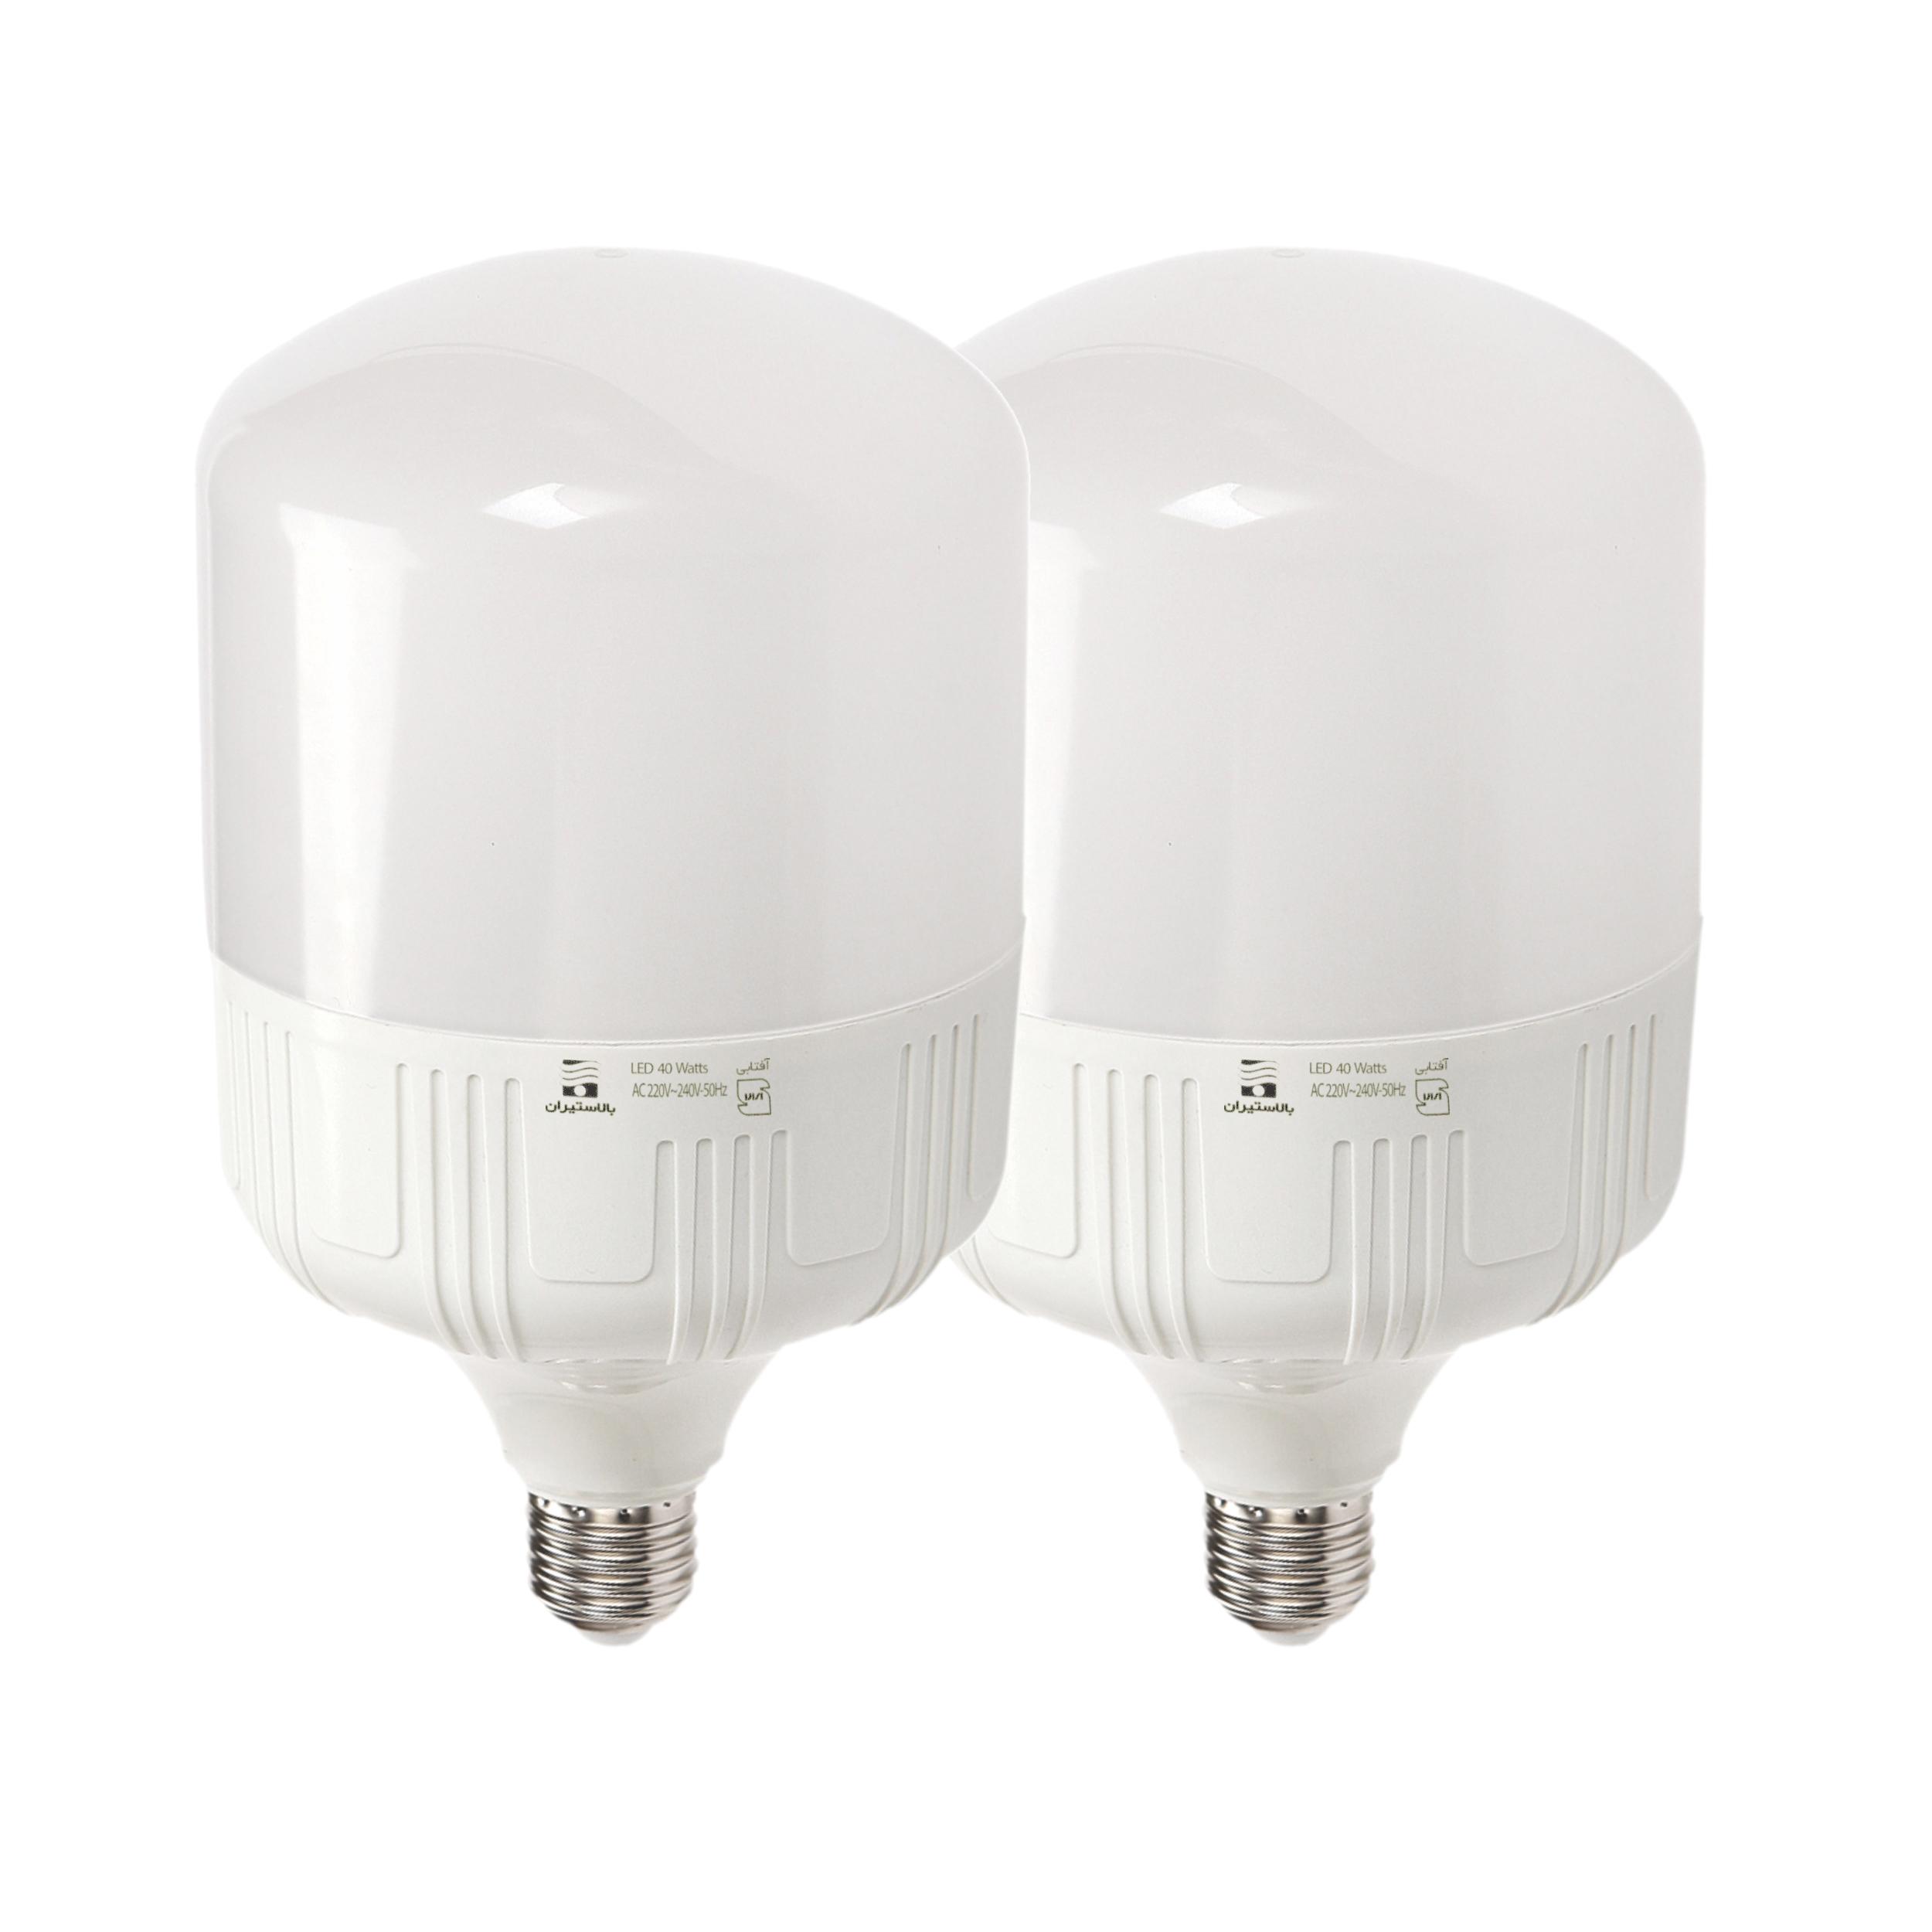 لامپ ال ای دی 40 وات بالاستیران مدل Cap40 پایه E27 بسته 2 عددی